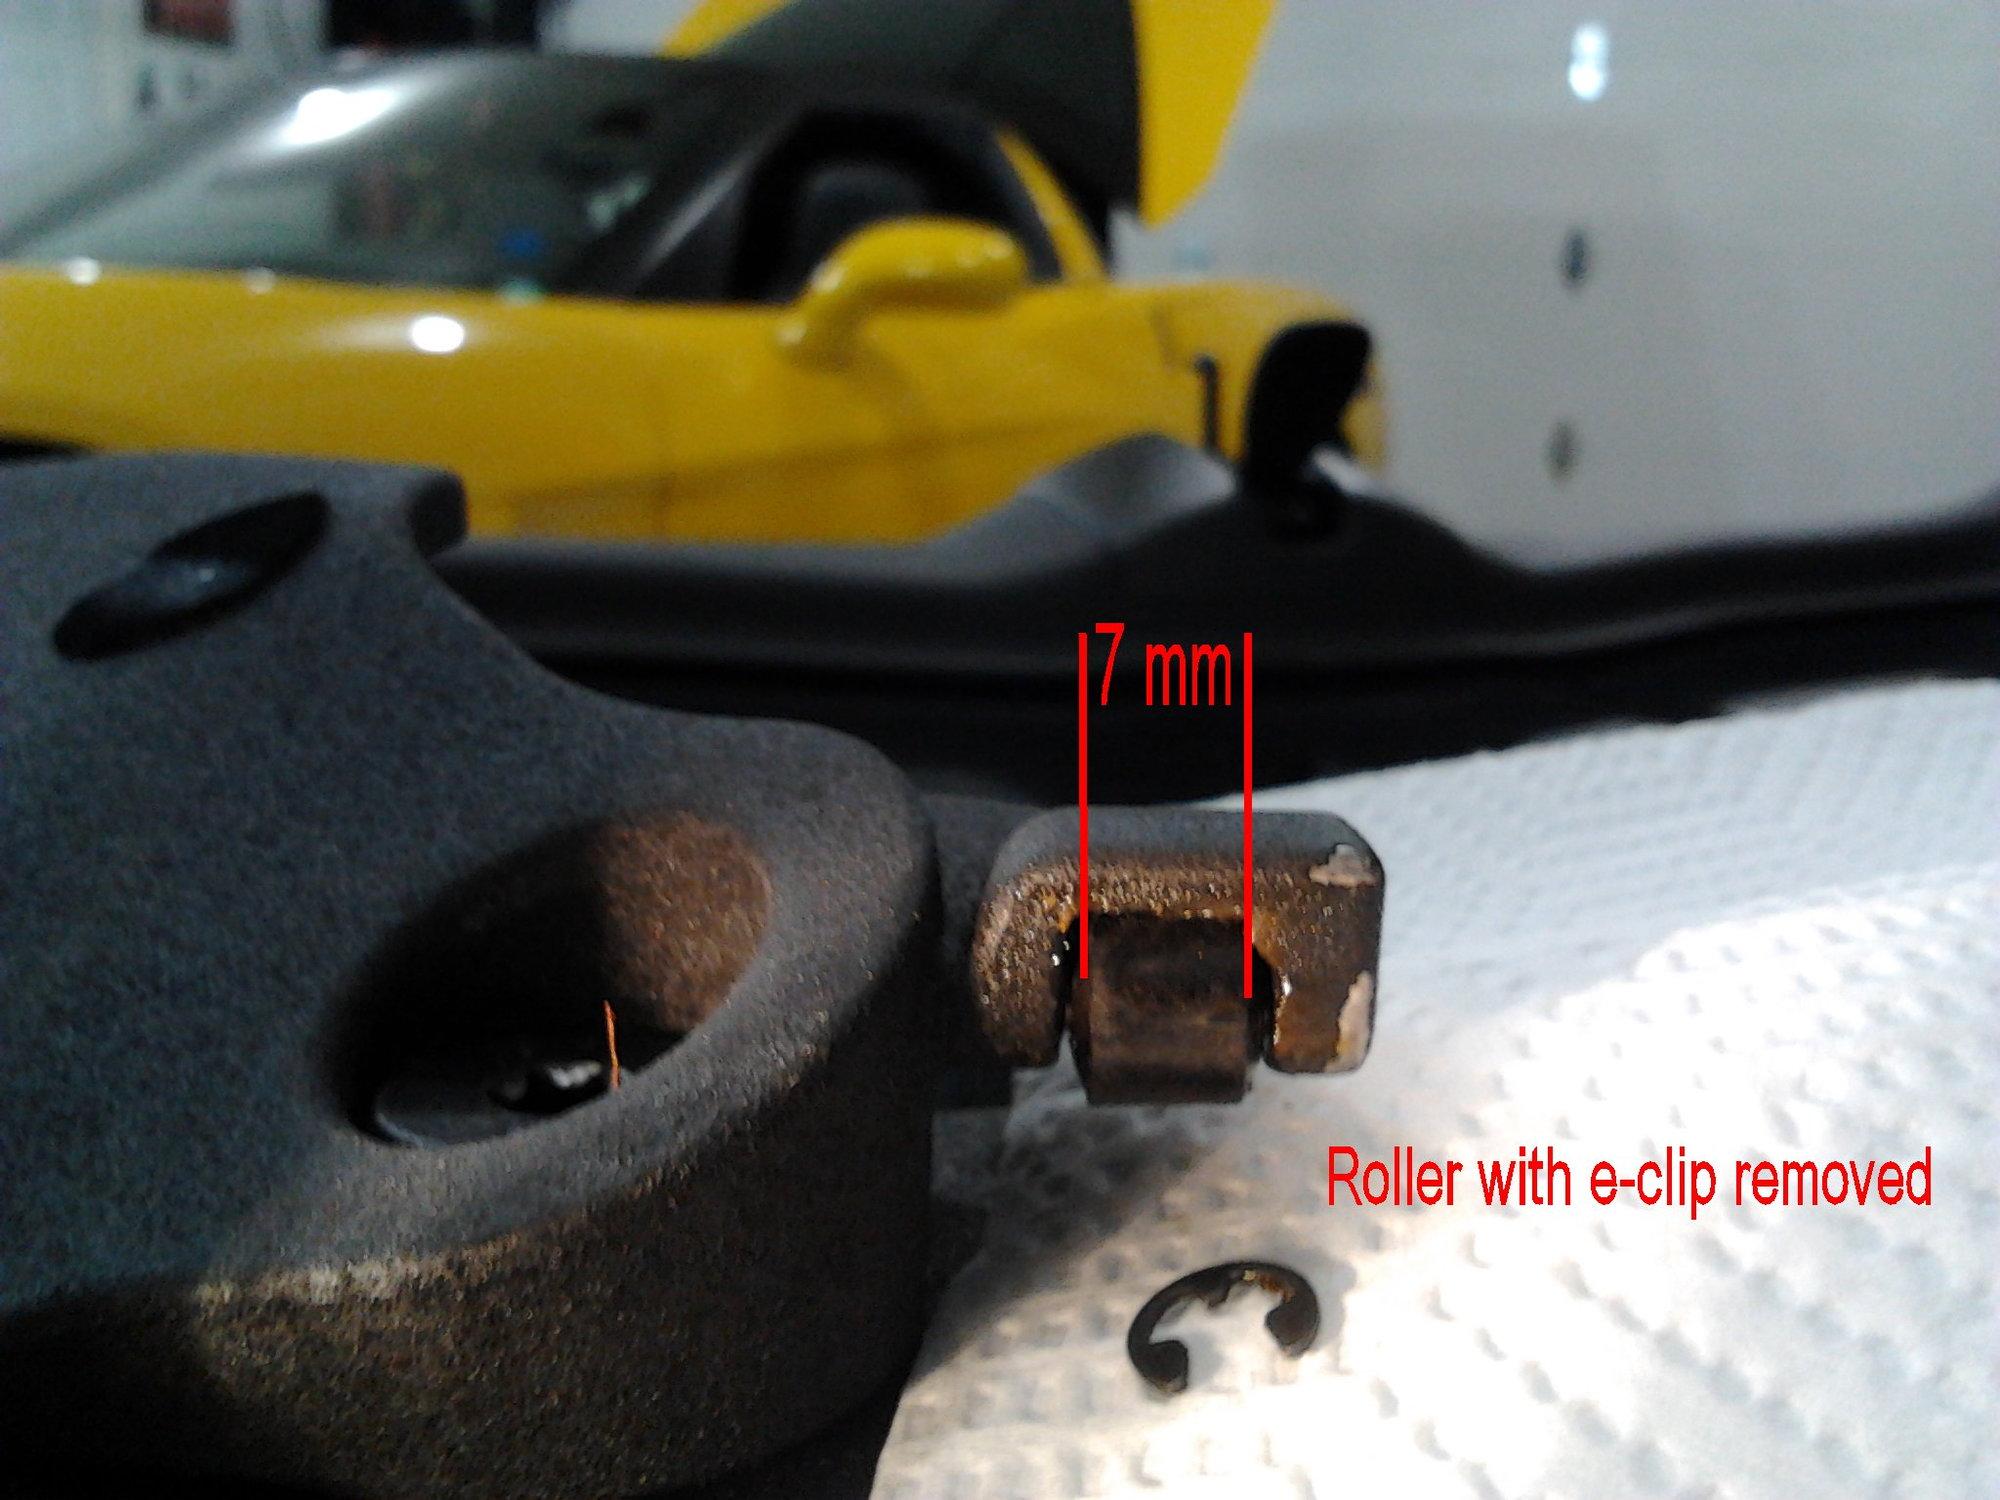 How To Fix A Noisy Removable Top On A C6 Corvette Coupe Corvetteforum Chevrolet Corvette Forum Discussion